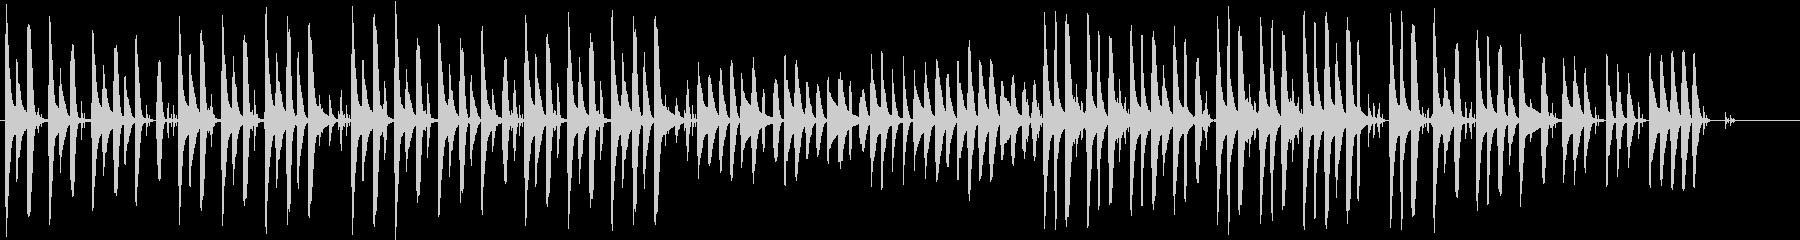 おとぼけ風な短い曲の未再生の波形